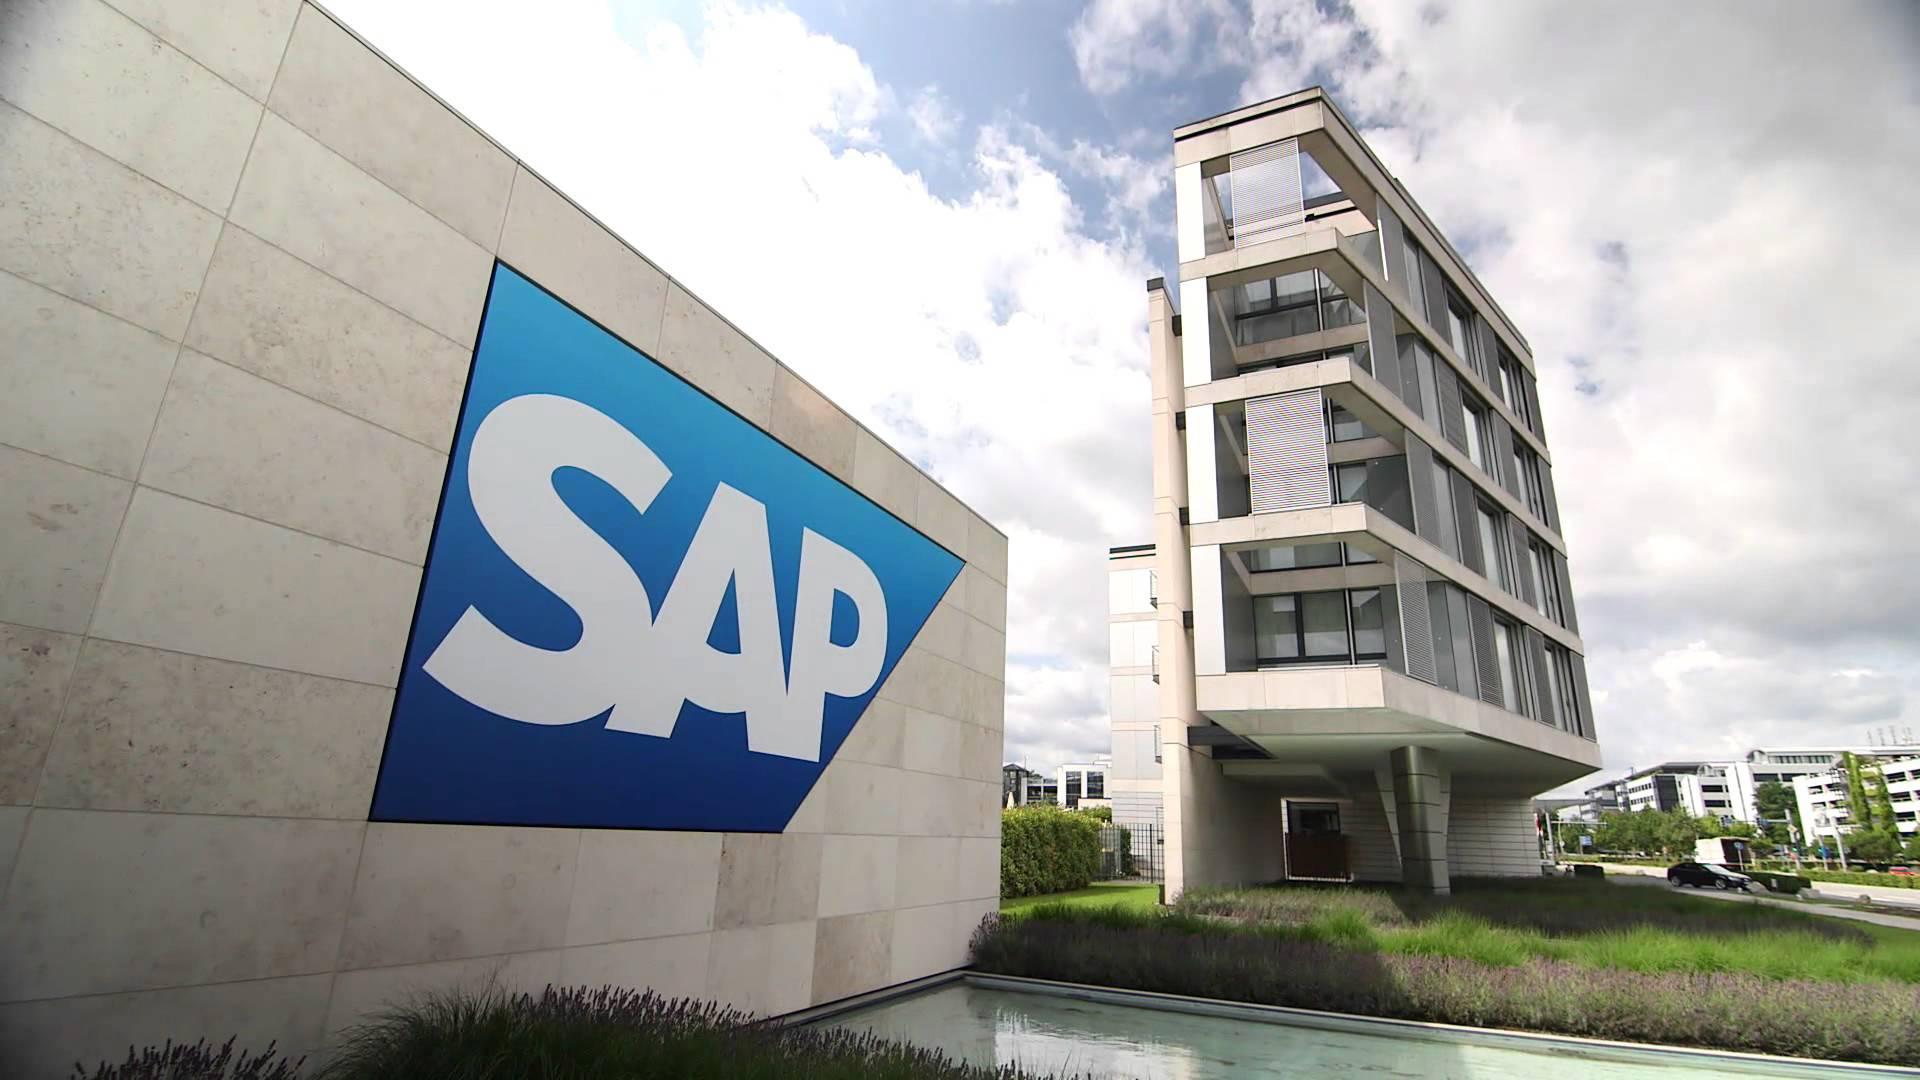 Best 48 SAP Wallpaper on HipWallpaper Rip ASAP Yams Wallpaper 1920x1080